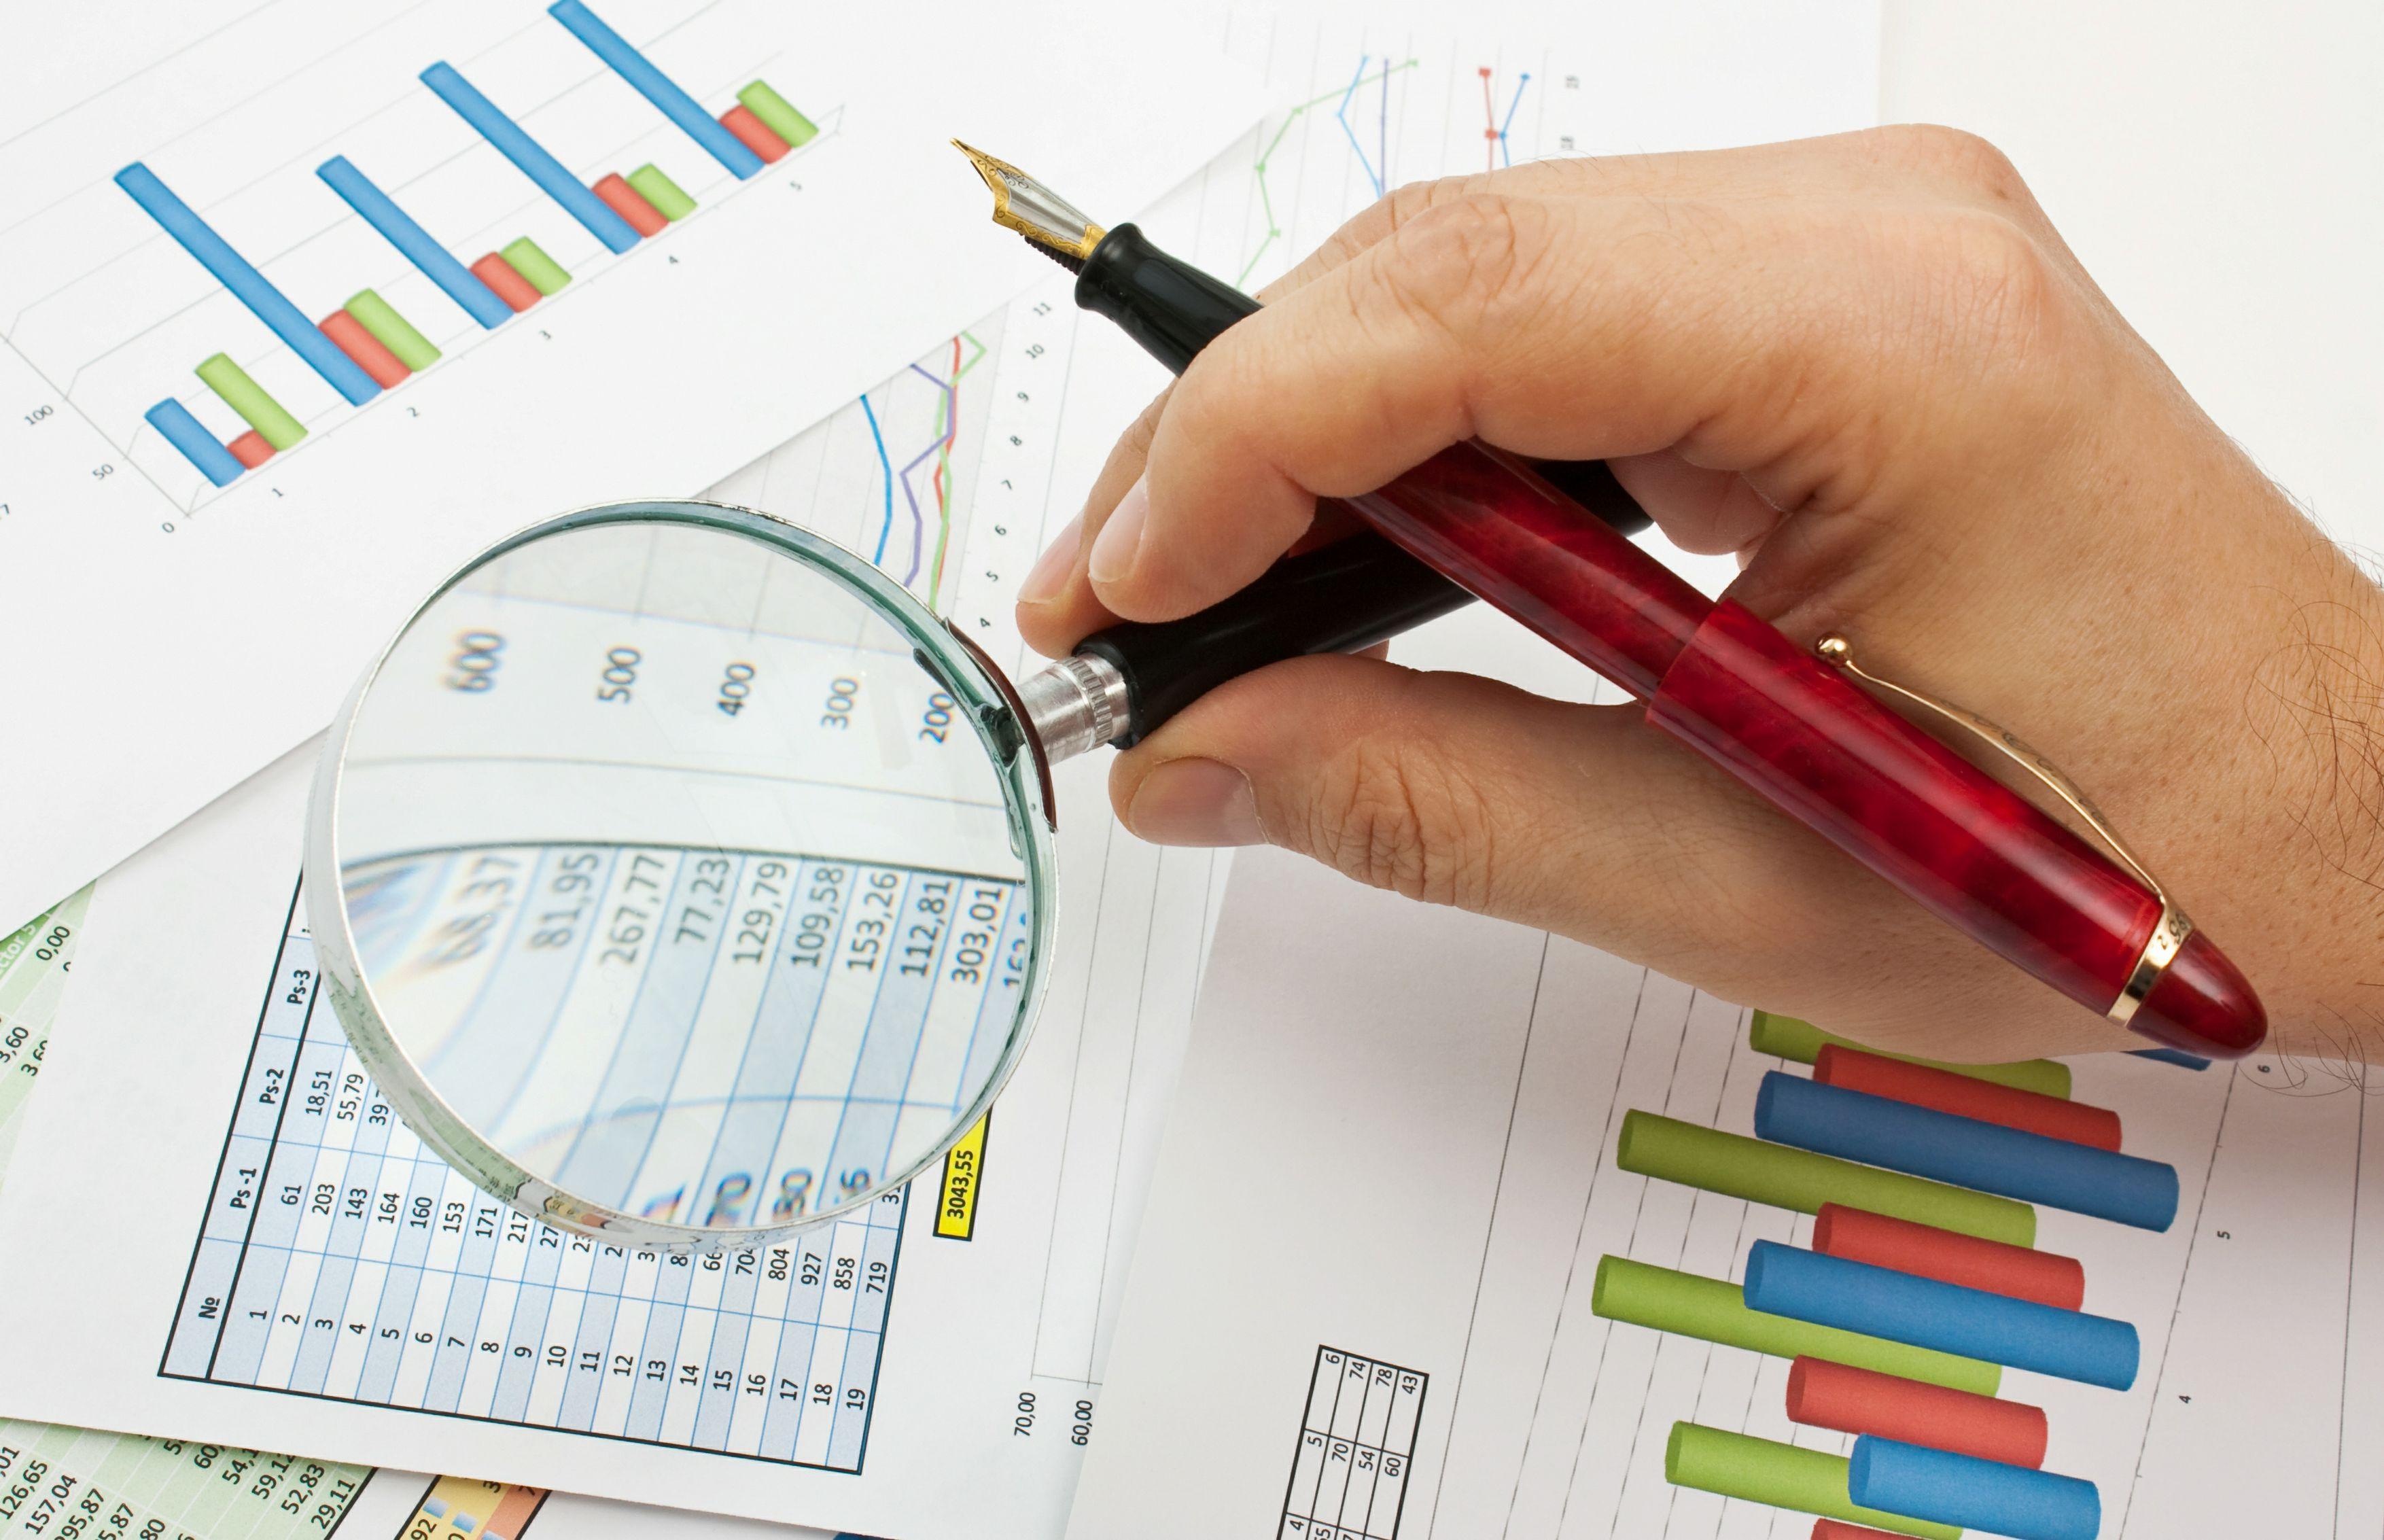 格隆汇港股聚焦(6.13)︱新华保险前5月原保费收入升9.49%至598.03亿元 中银金科今日挂牌开业